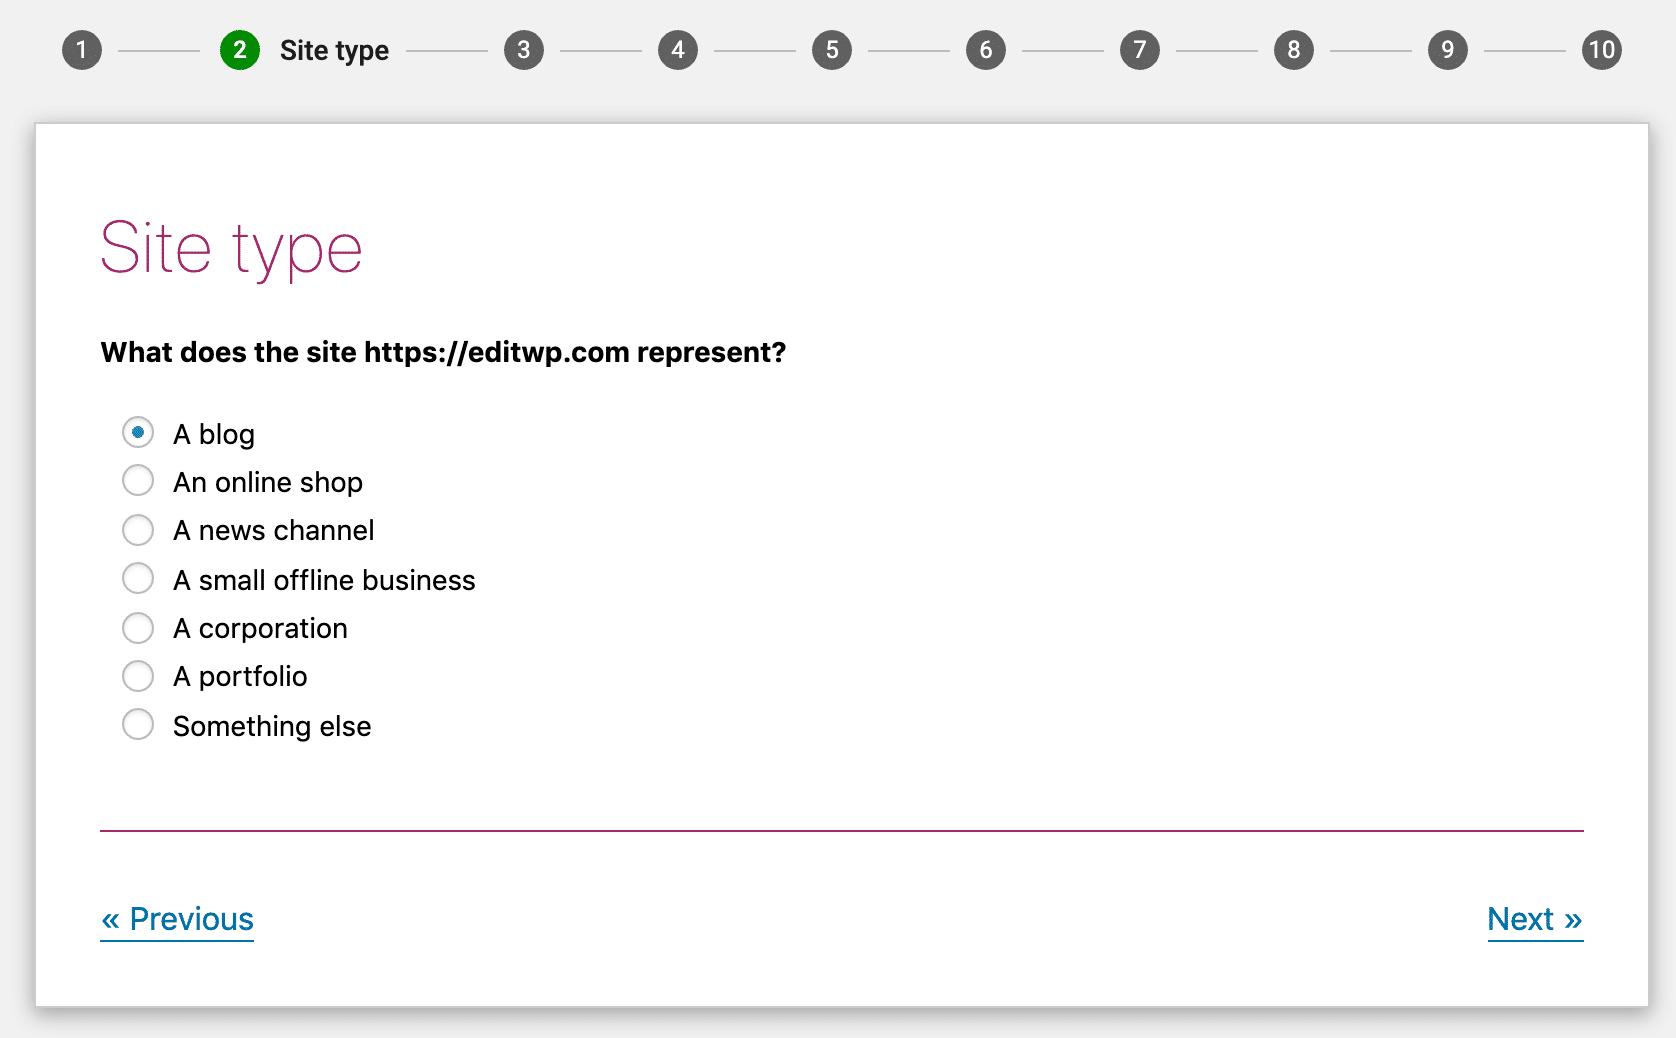 Wähle die Option, die am ehesten zu deiner Website passt